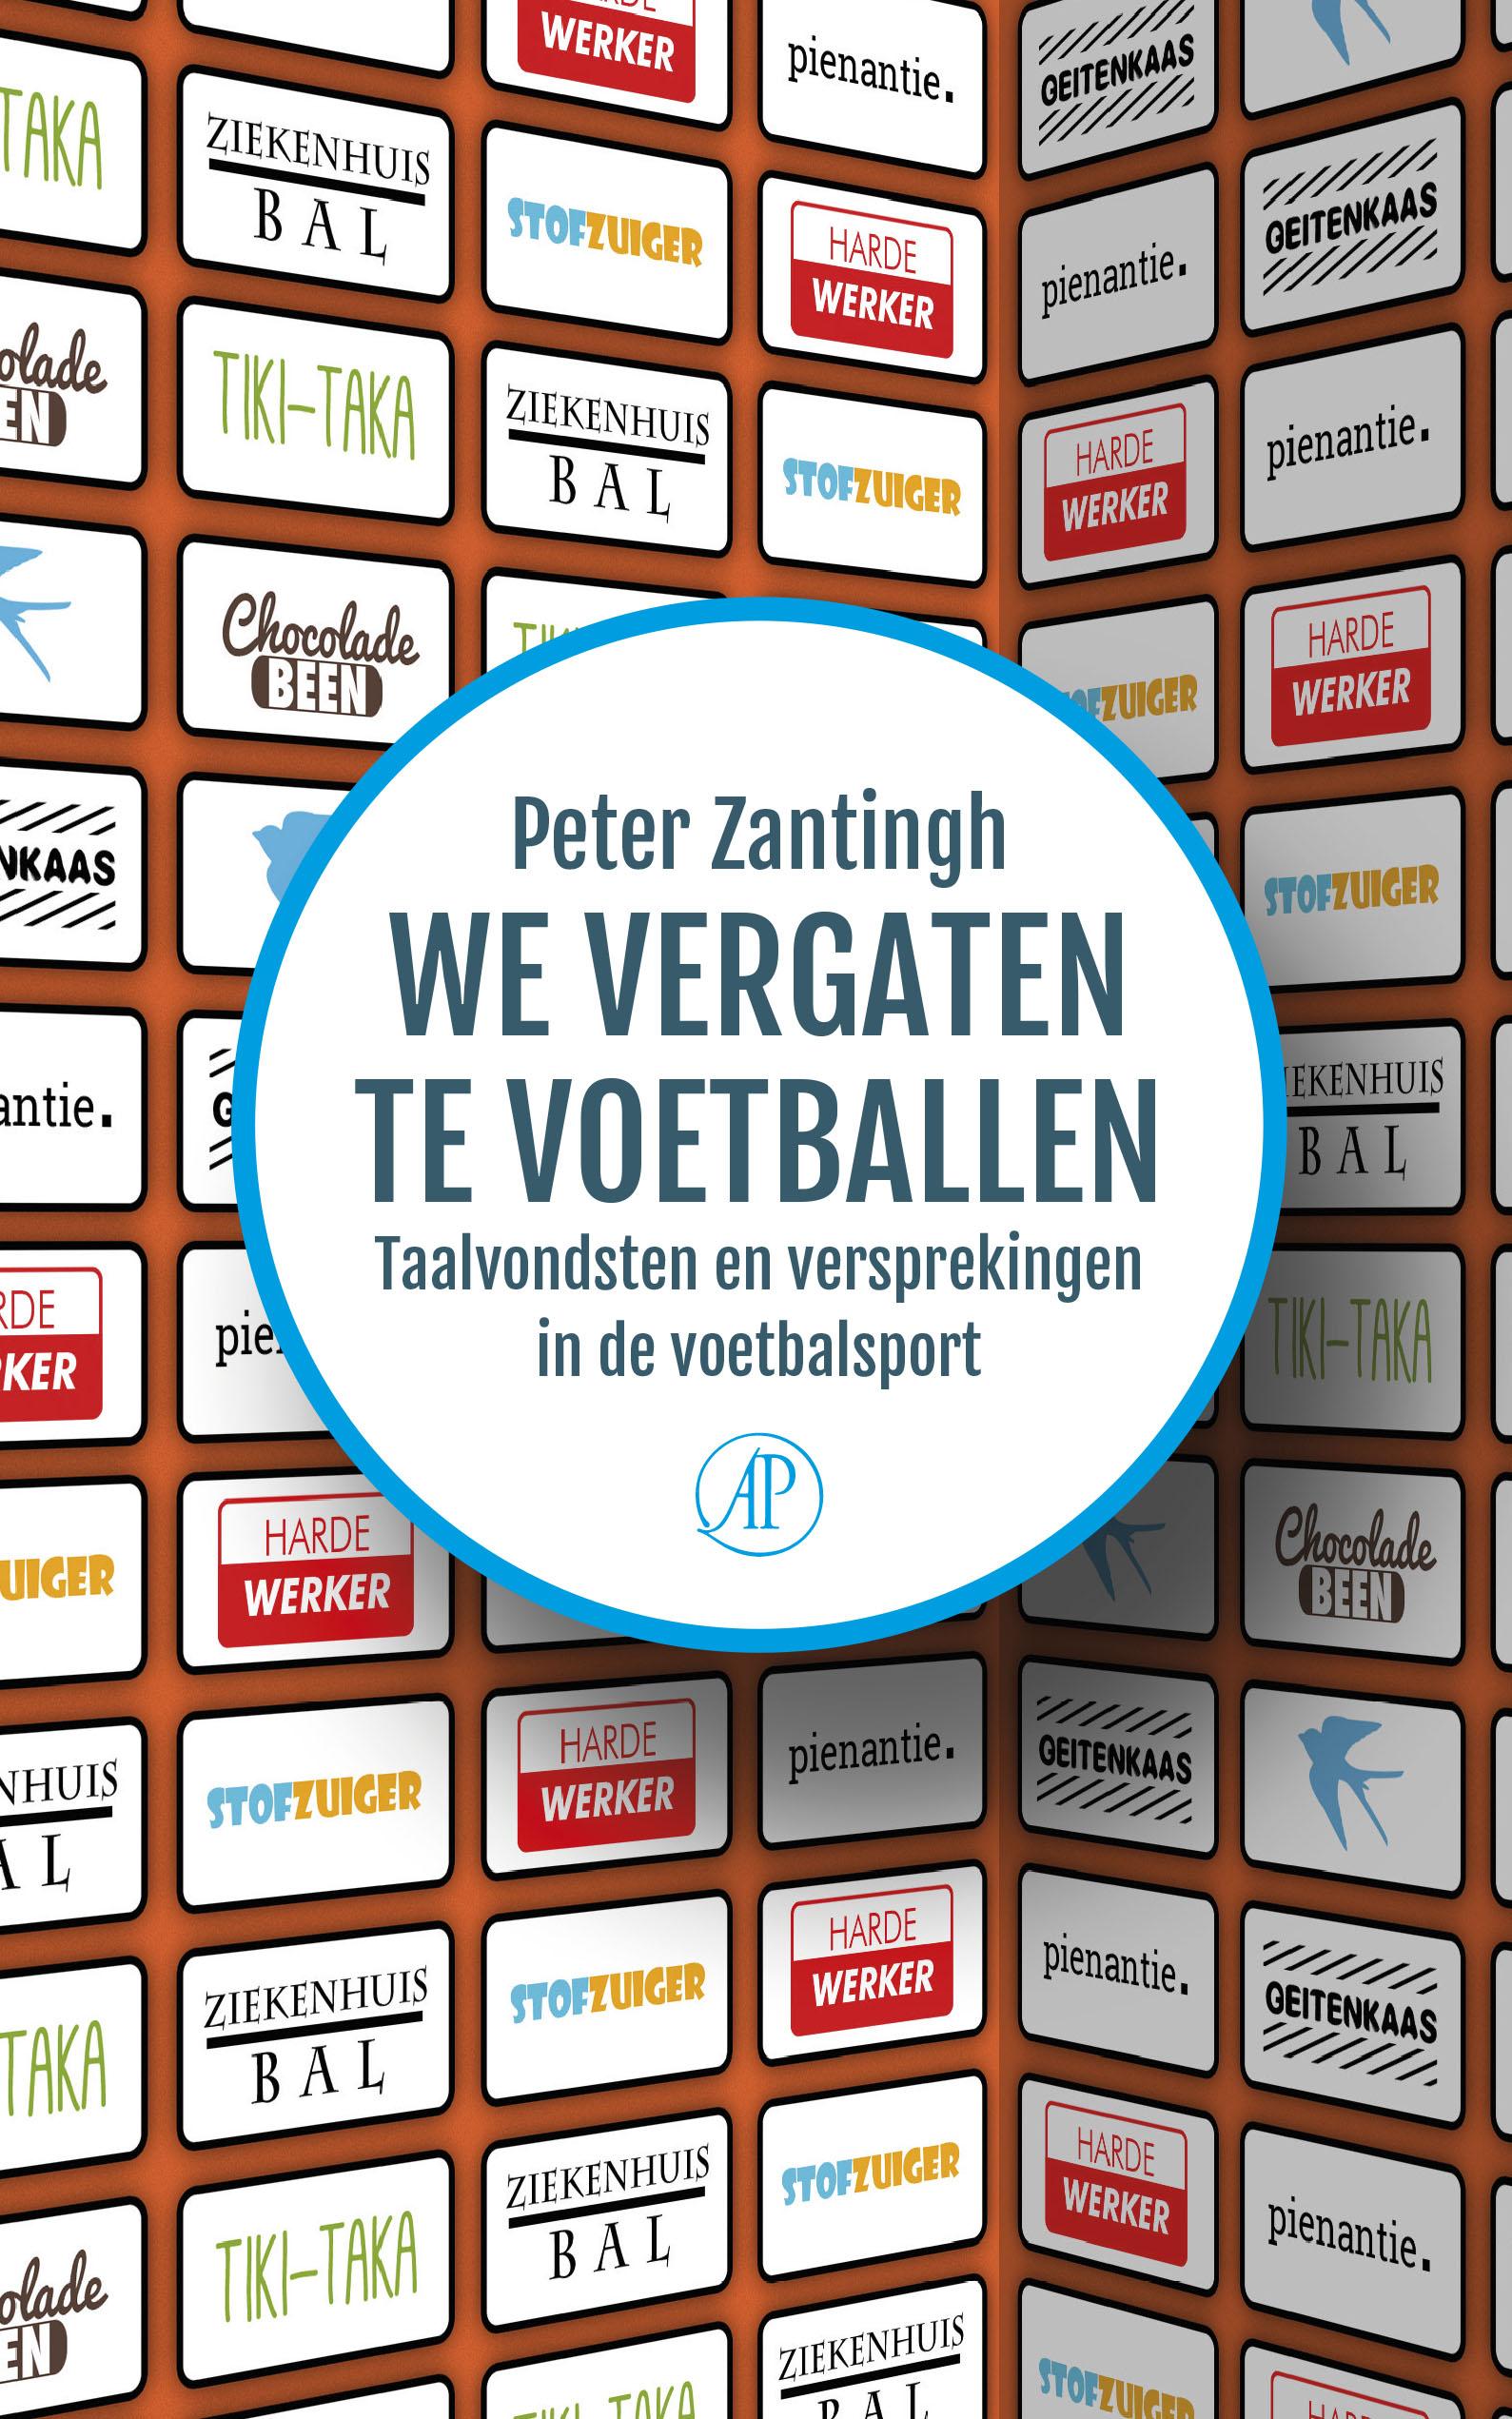 We vergaten te voetballen – Peter Zantingh